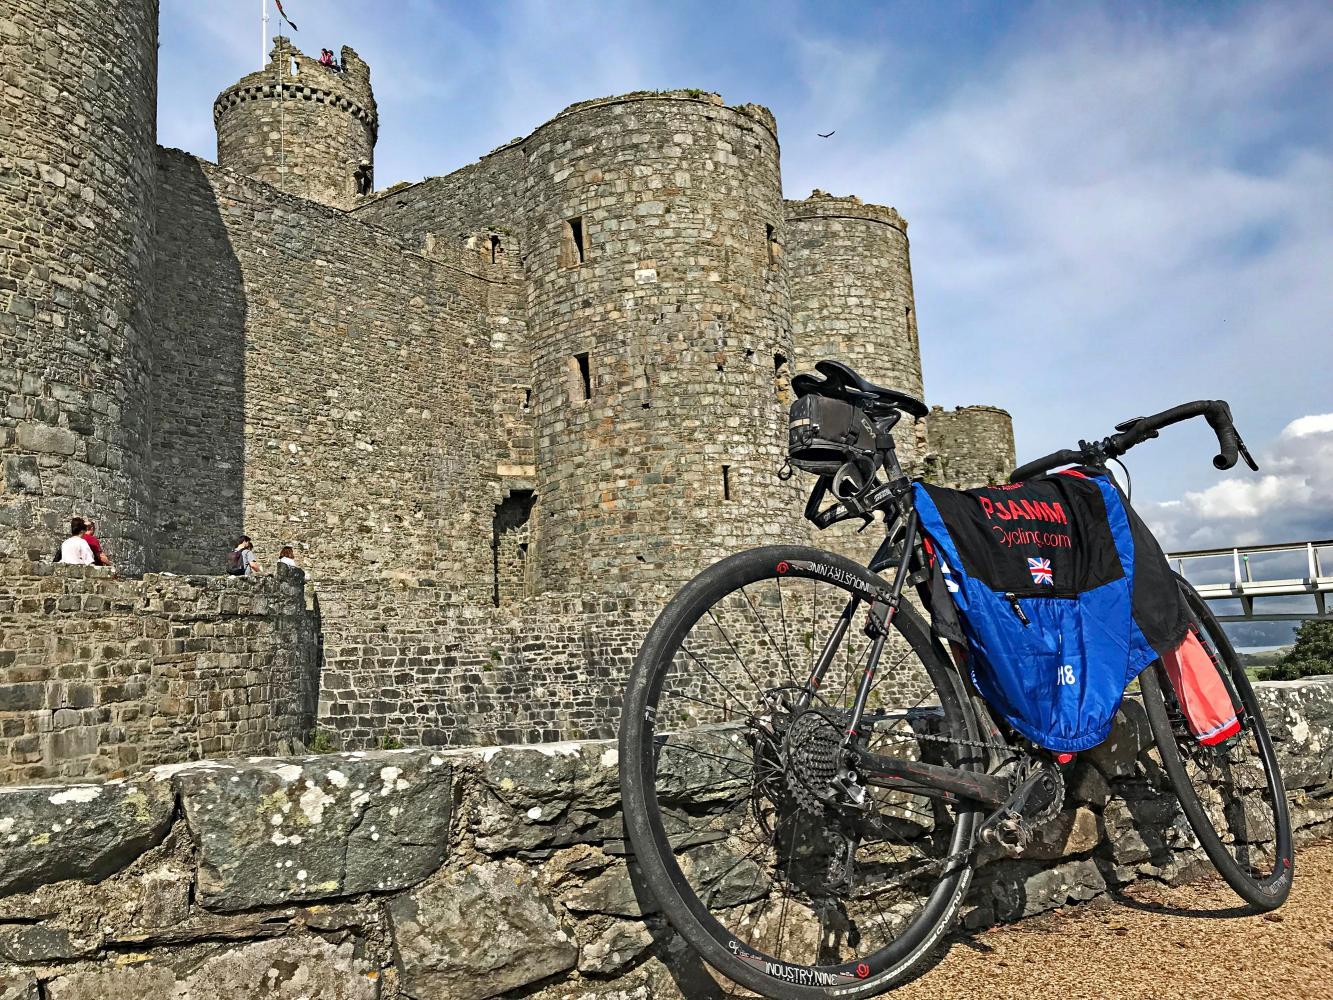 Ffordd Pen Llech (SW #92) Bike Climb - PJAMM Cycling